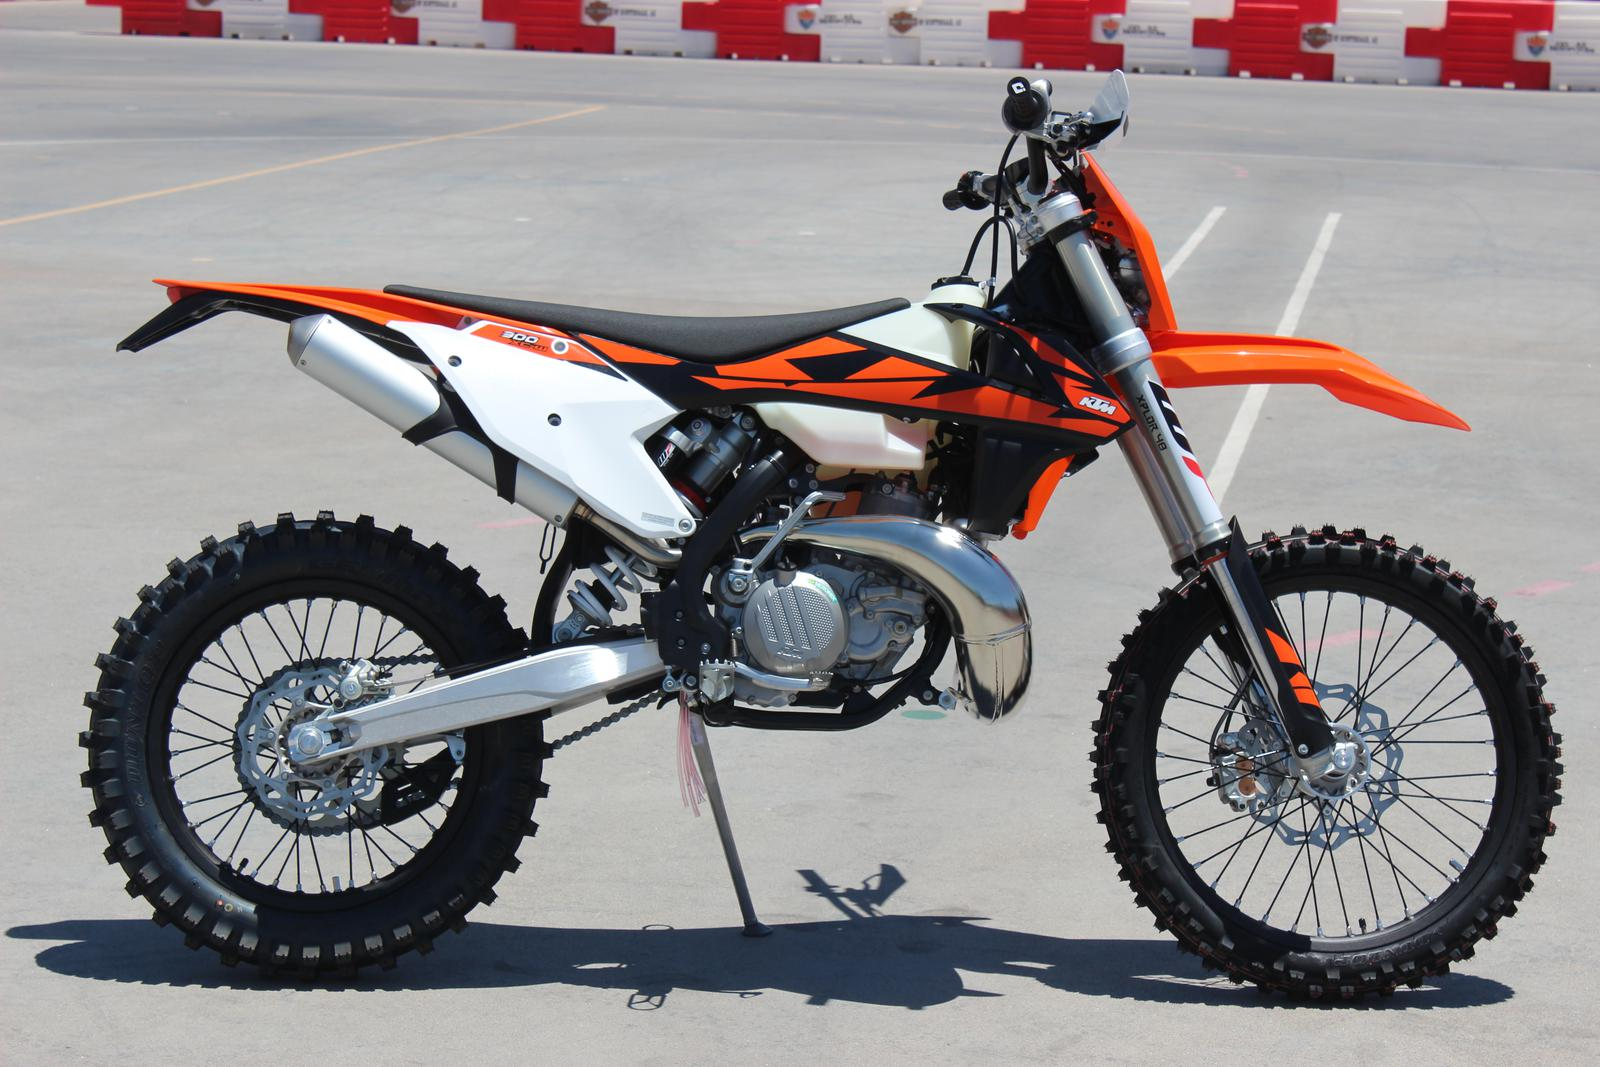 2018 ktm 300 xc-w for sale in scottsdale, az   go az motorcycles